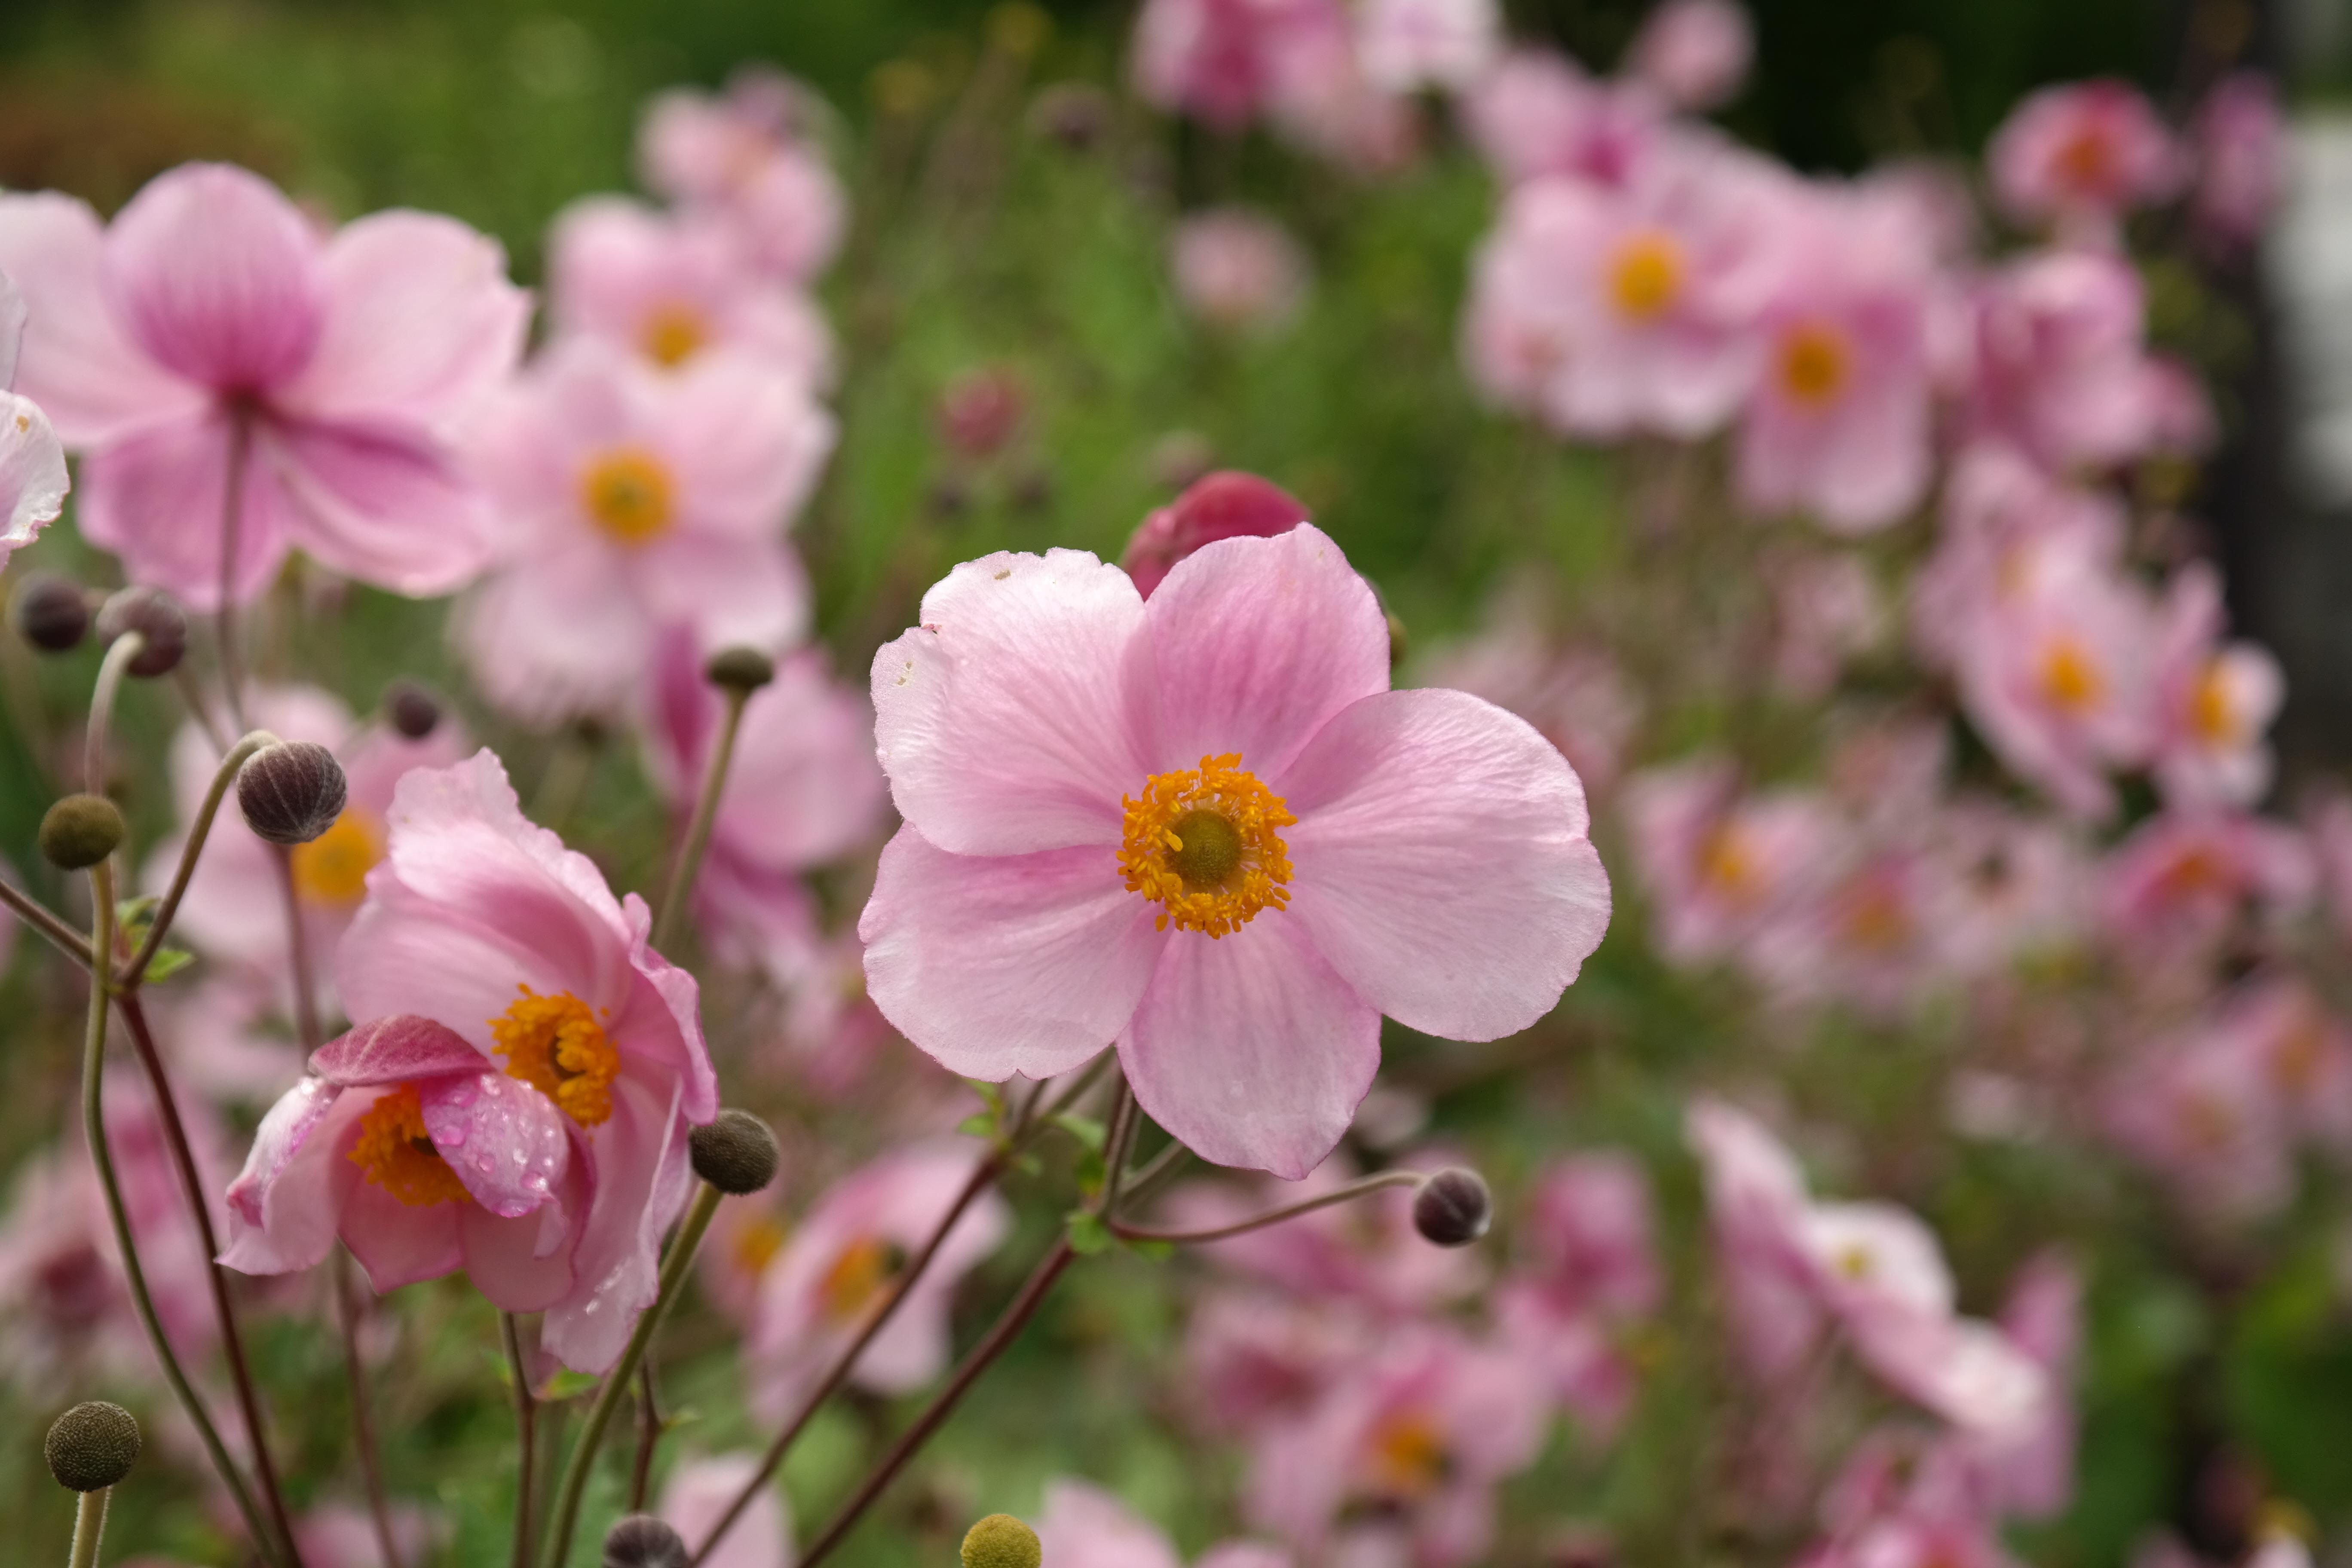 Fotos Gratis Petalo Florecer Botanica Rosado Flora Flor